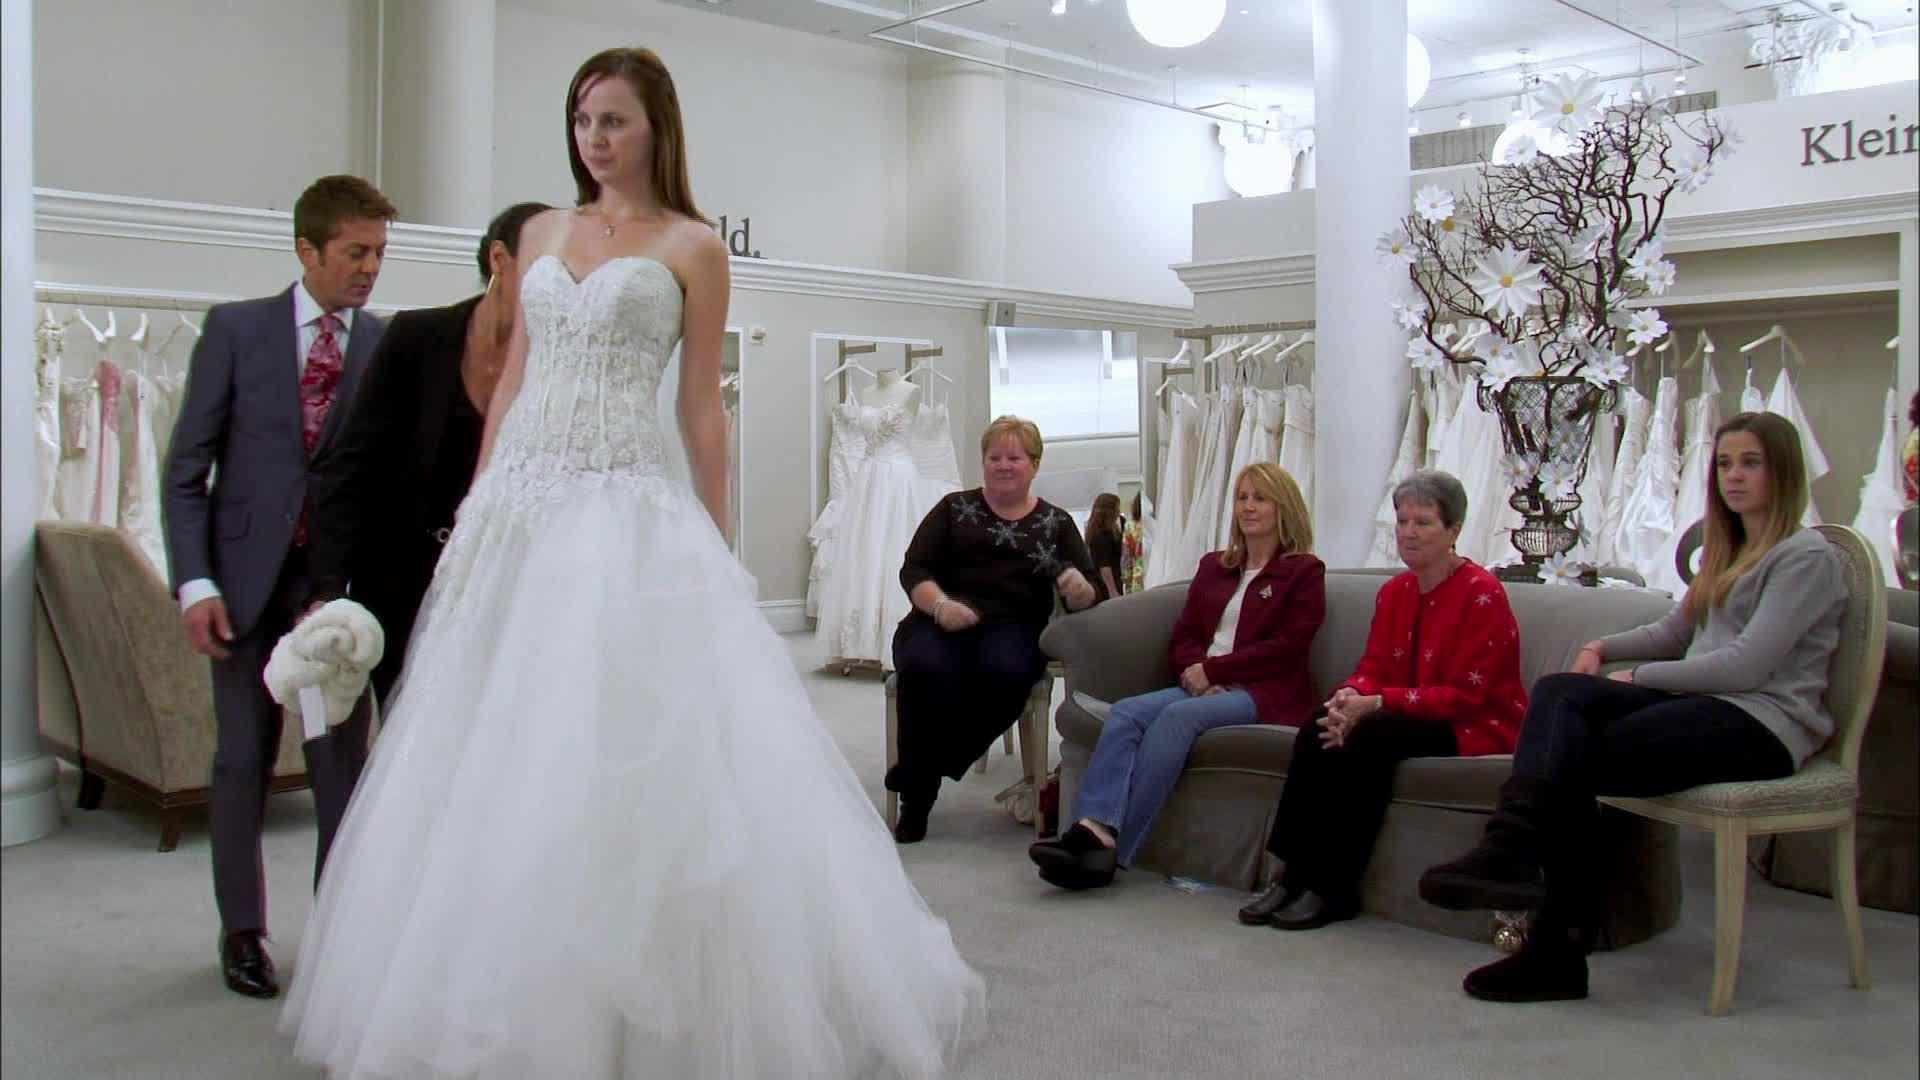 Matrimonio Natalizio Abito : Abito da sposa cercasi matrimonio natalizio dplay